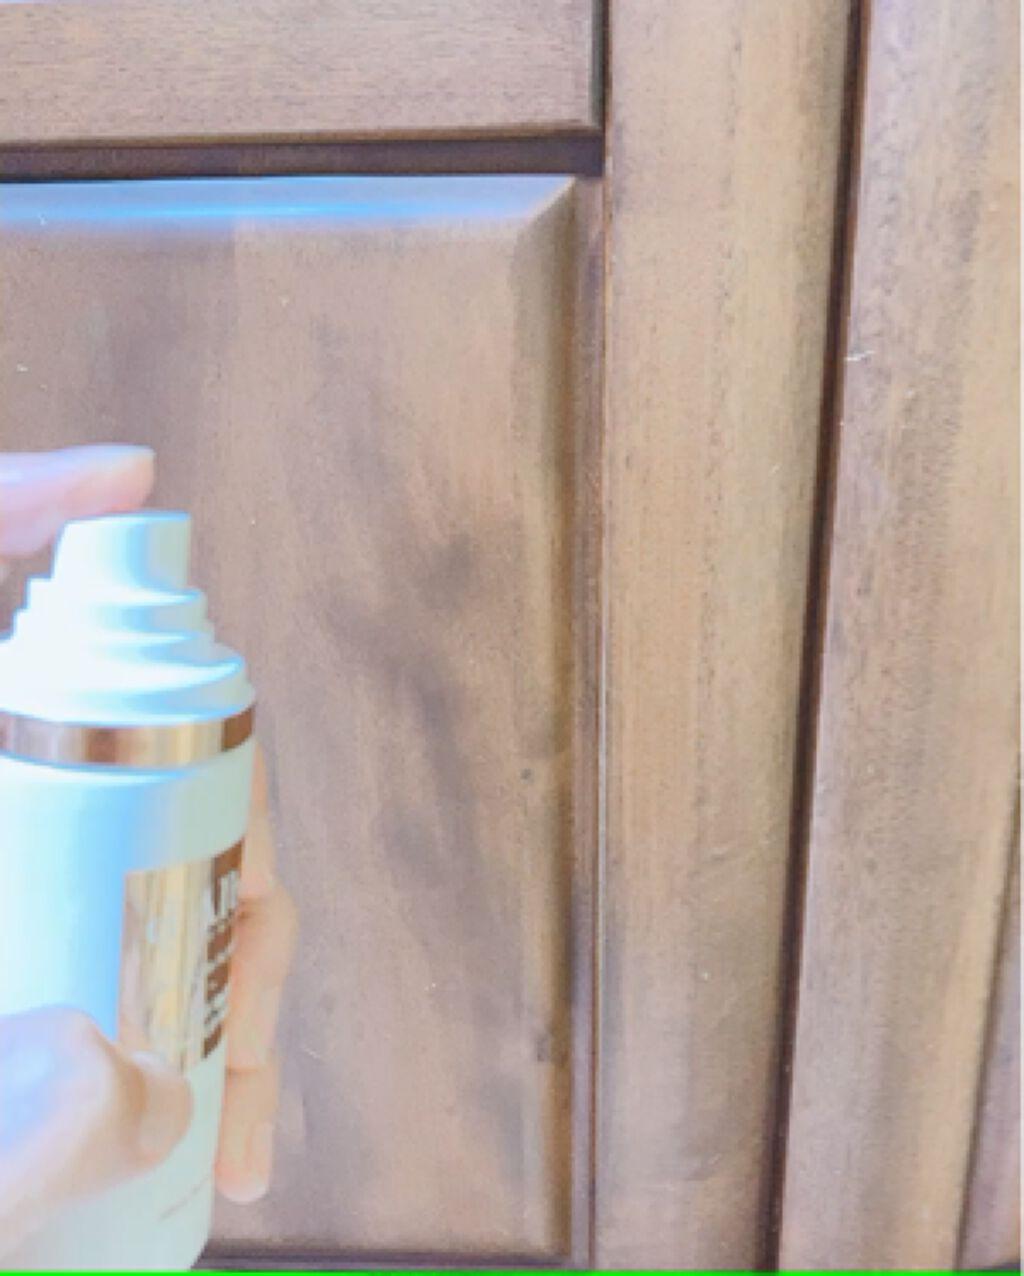 ダルバブランウェイメイクアップフィクサー/ダルバ/ミスト状化粧水を使ったクチコミ(2枚目)